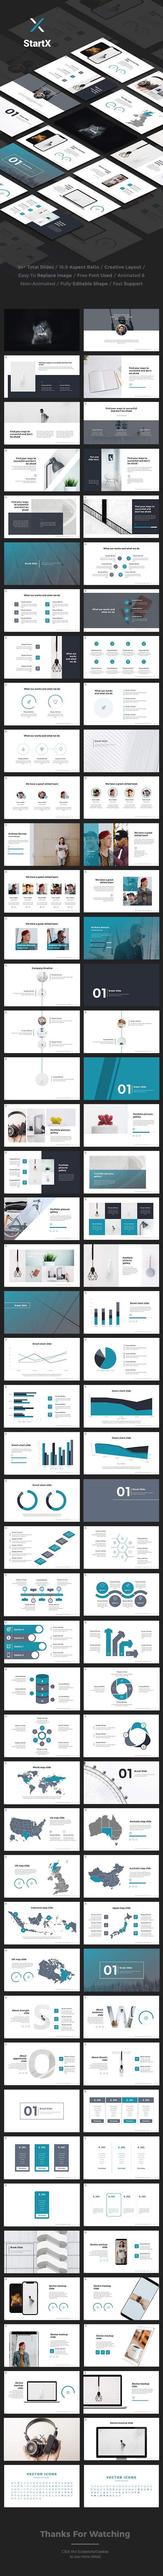 StartX - StartUp Pitch Deck Google Slide Template - Google Slides Presentation Templates